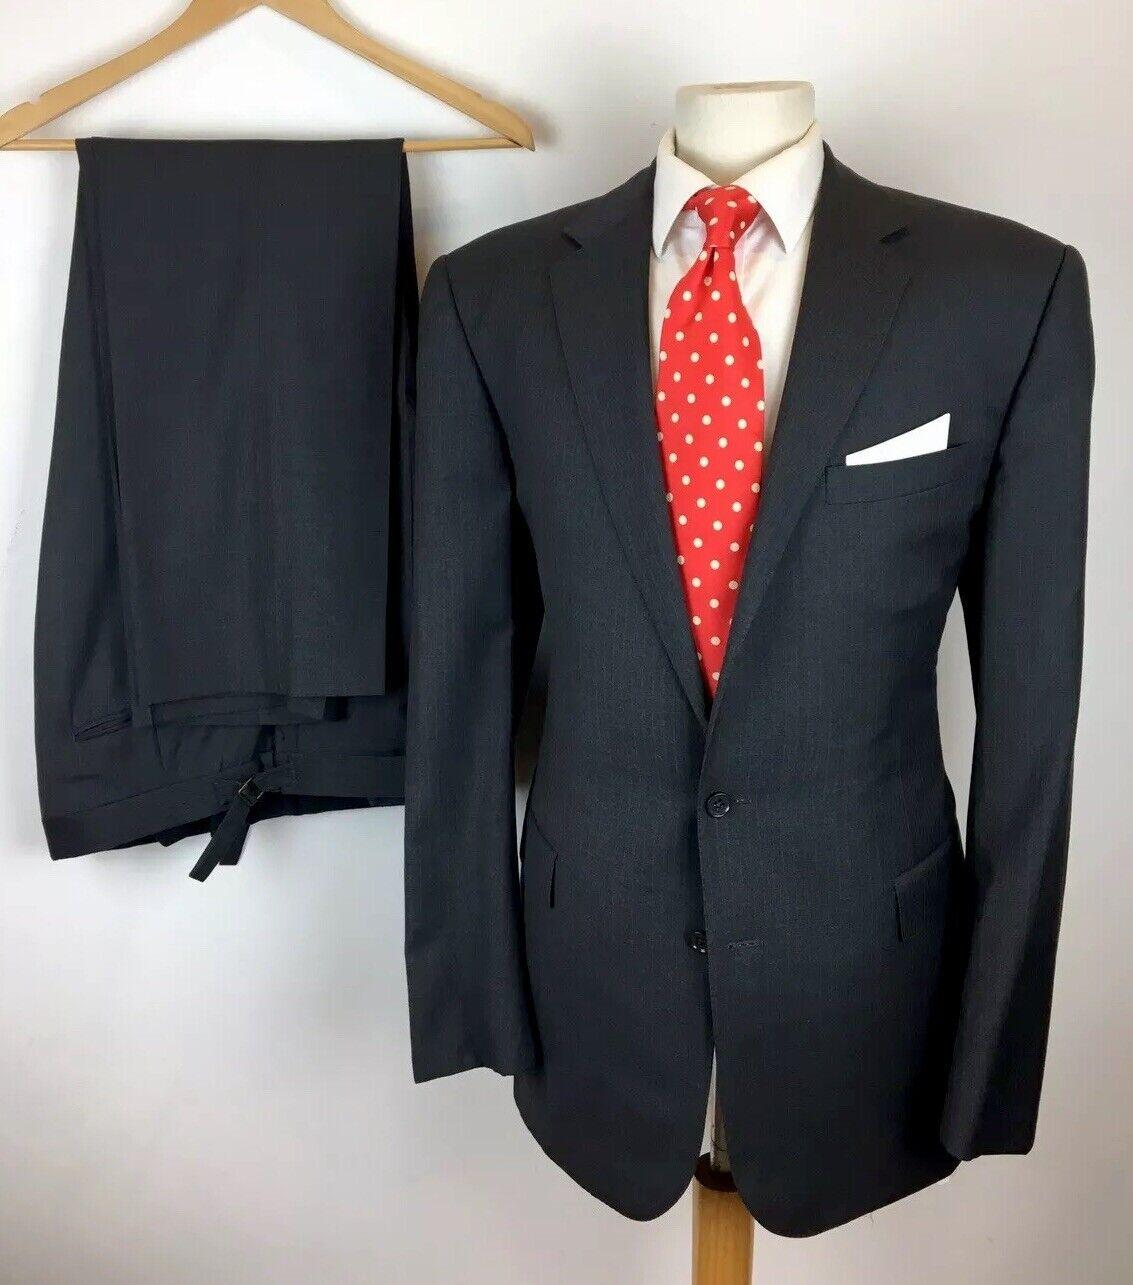 RALPH LAUREN Charcoal grau 100% Wool Suit 44 L x 36   38   | Deutschland Shop  | Sehen Sie die Welt aus der Perspektive des Kindes  | Export